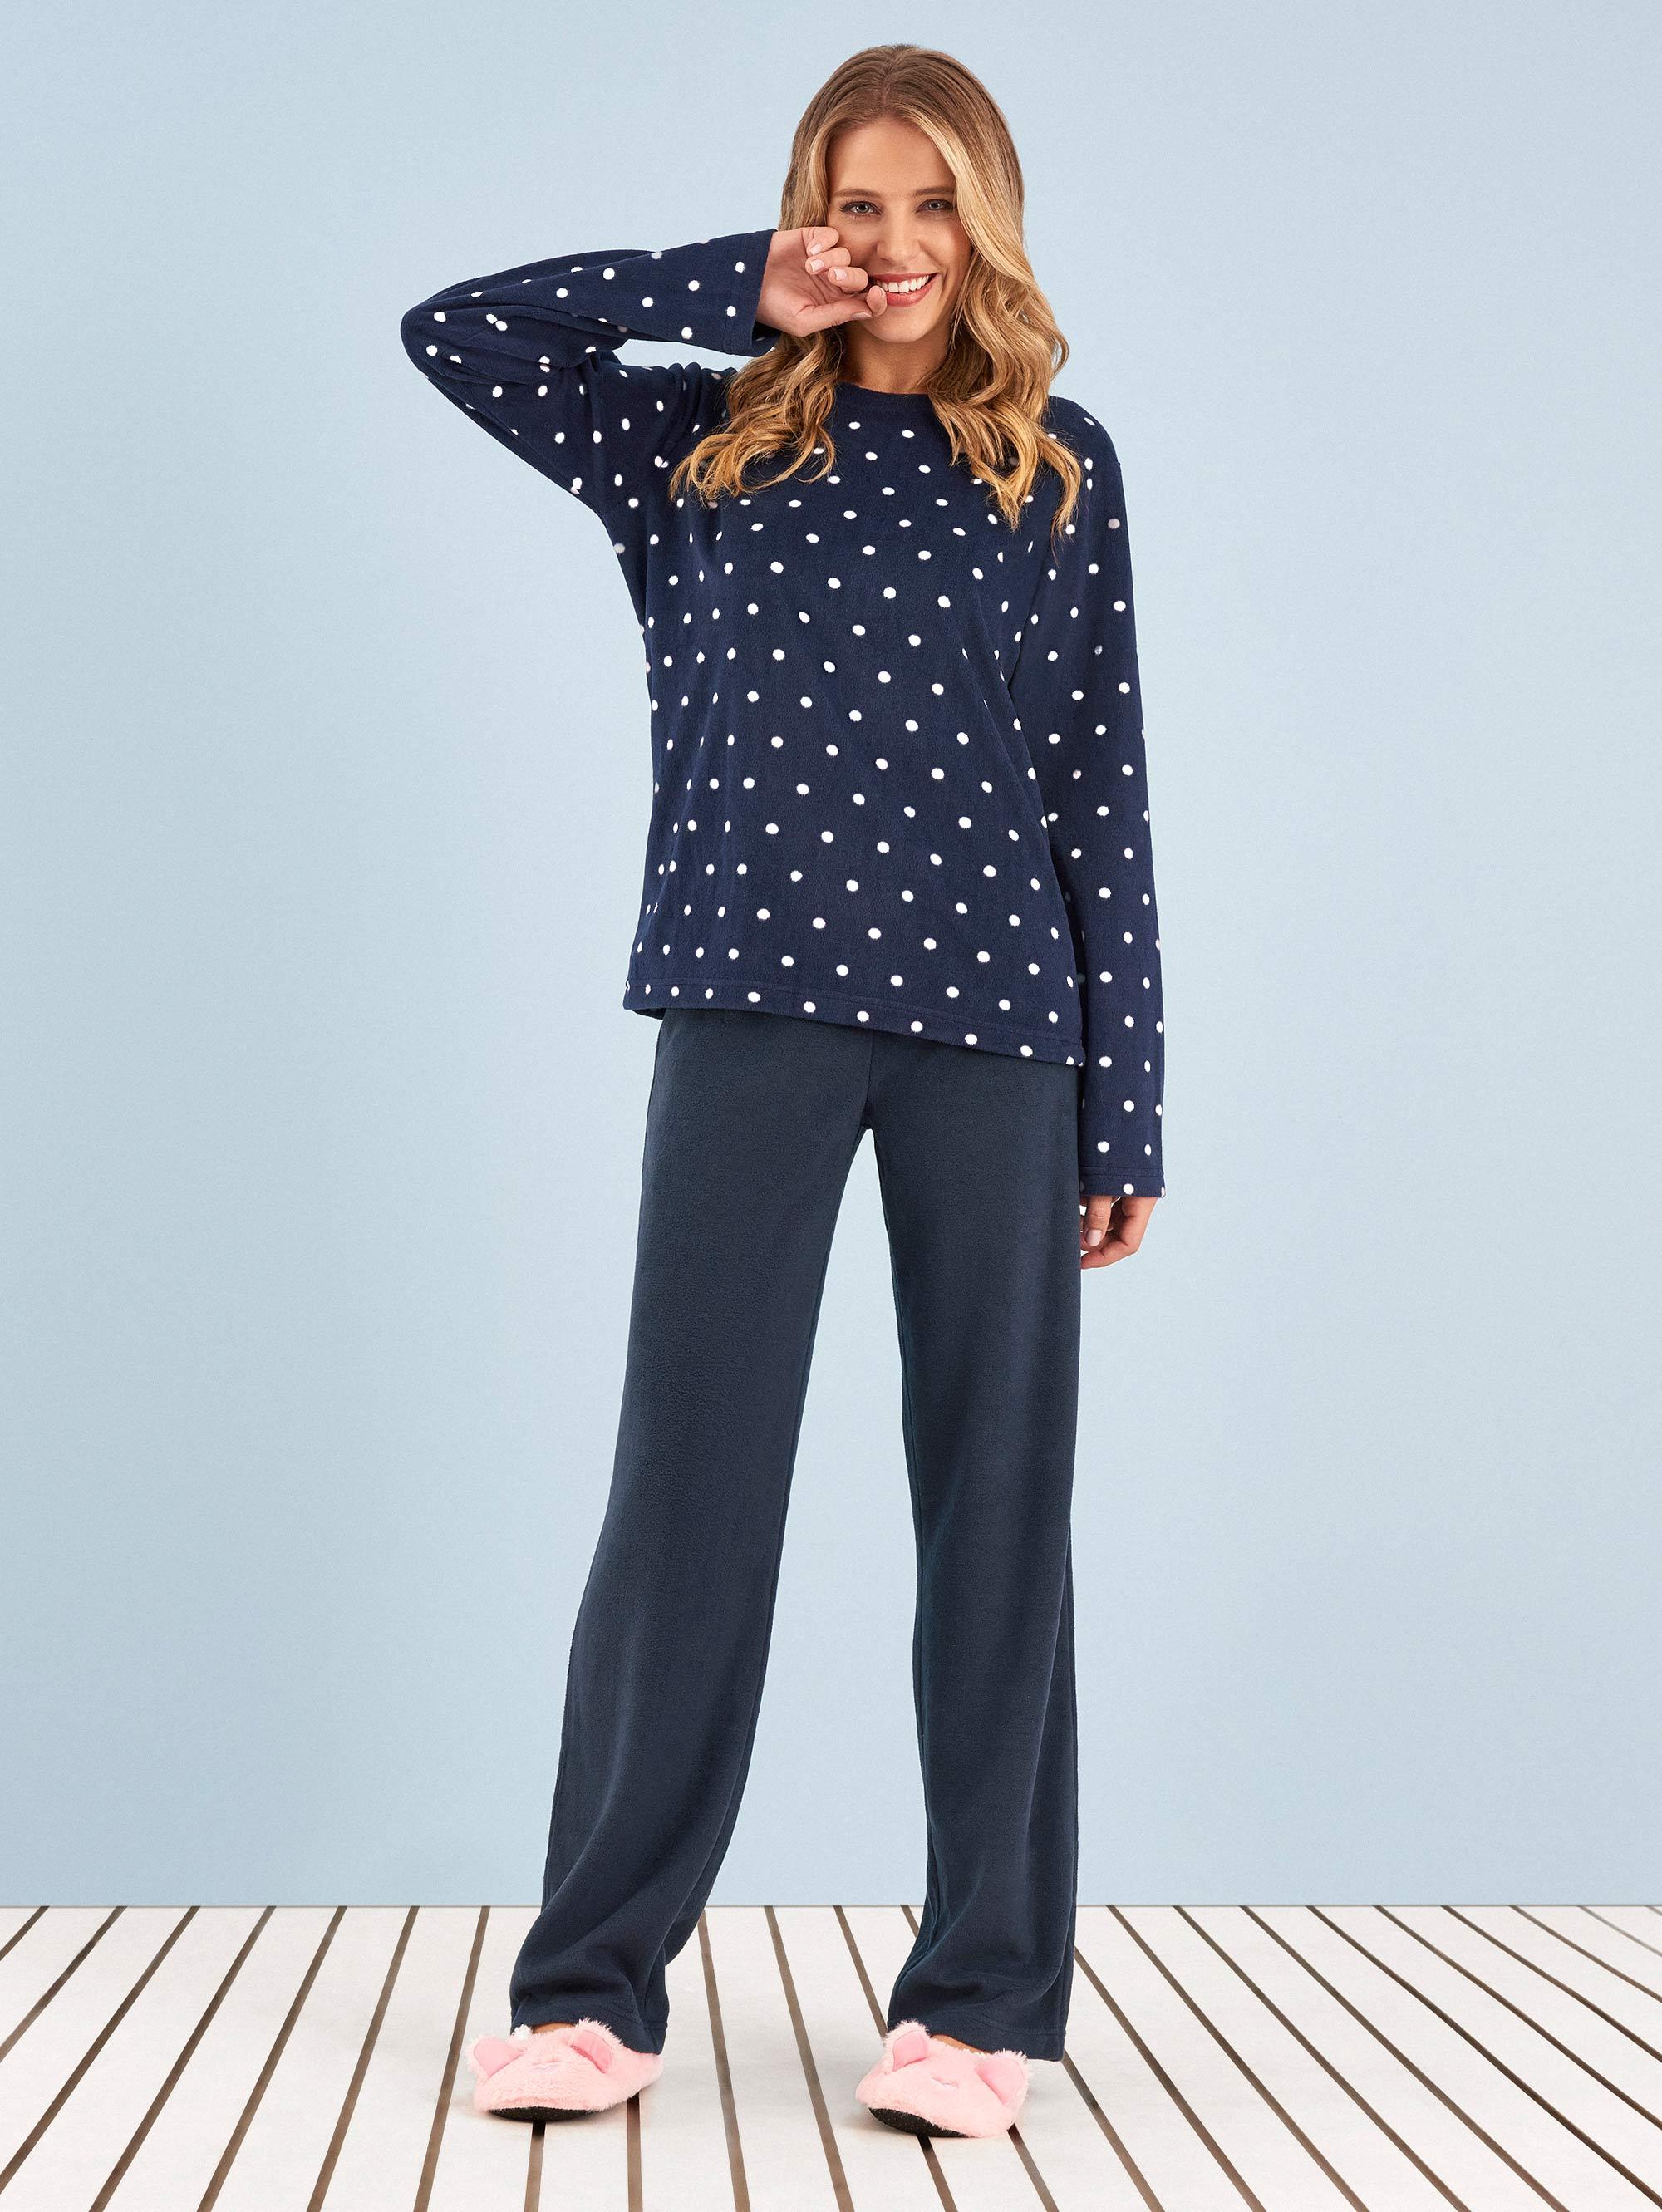 pijama-manga-longa-soft-navy-dots-any-any